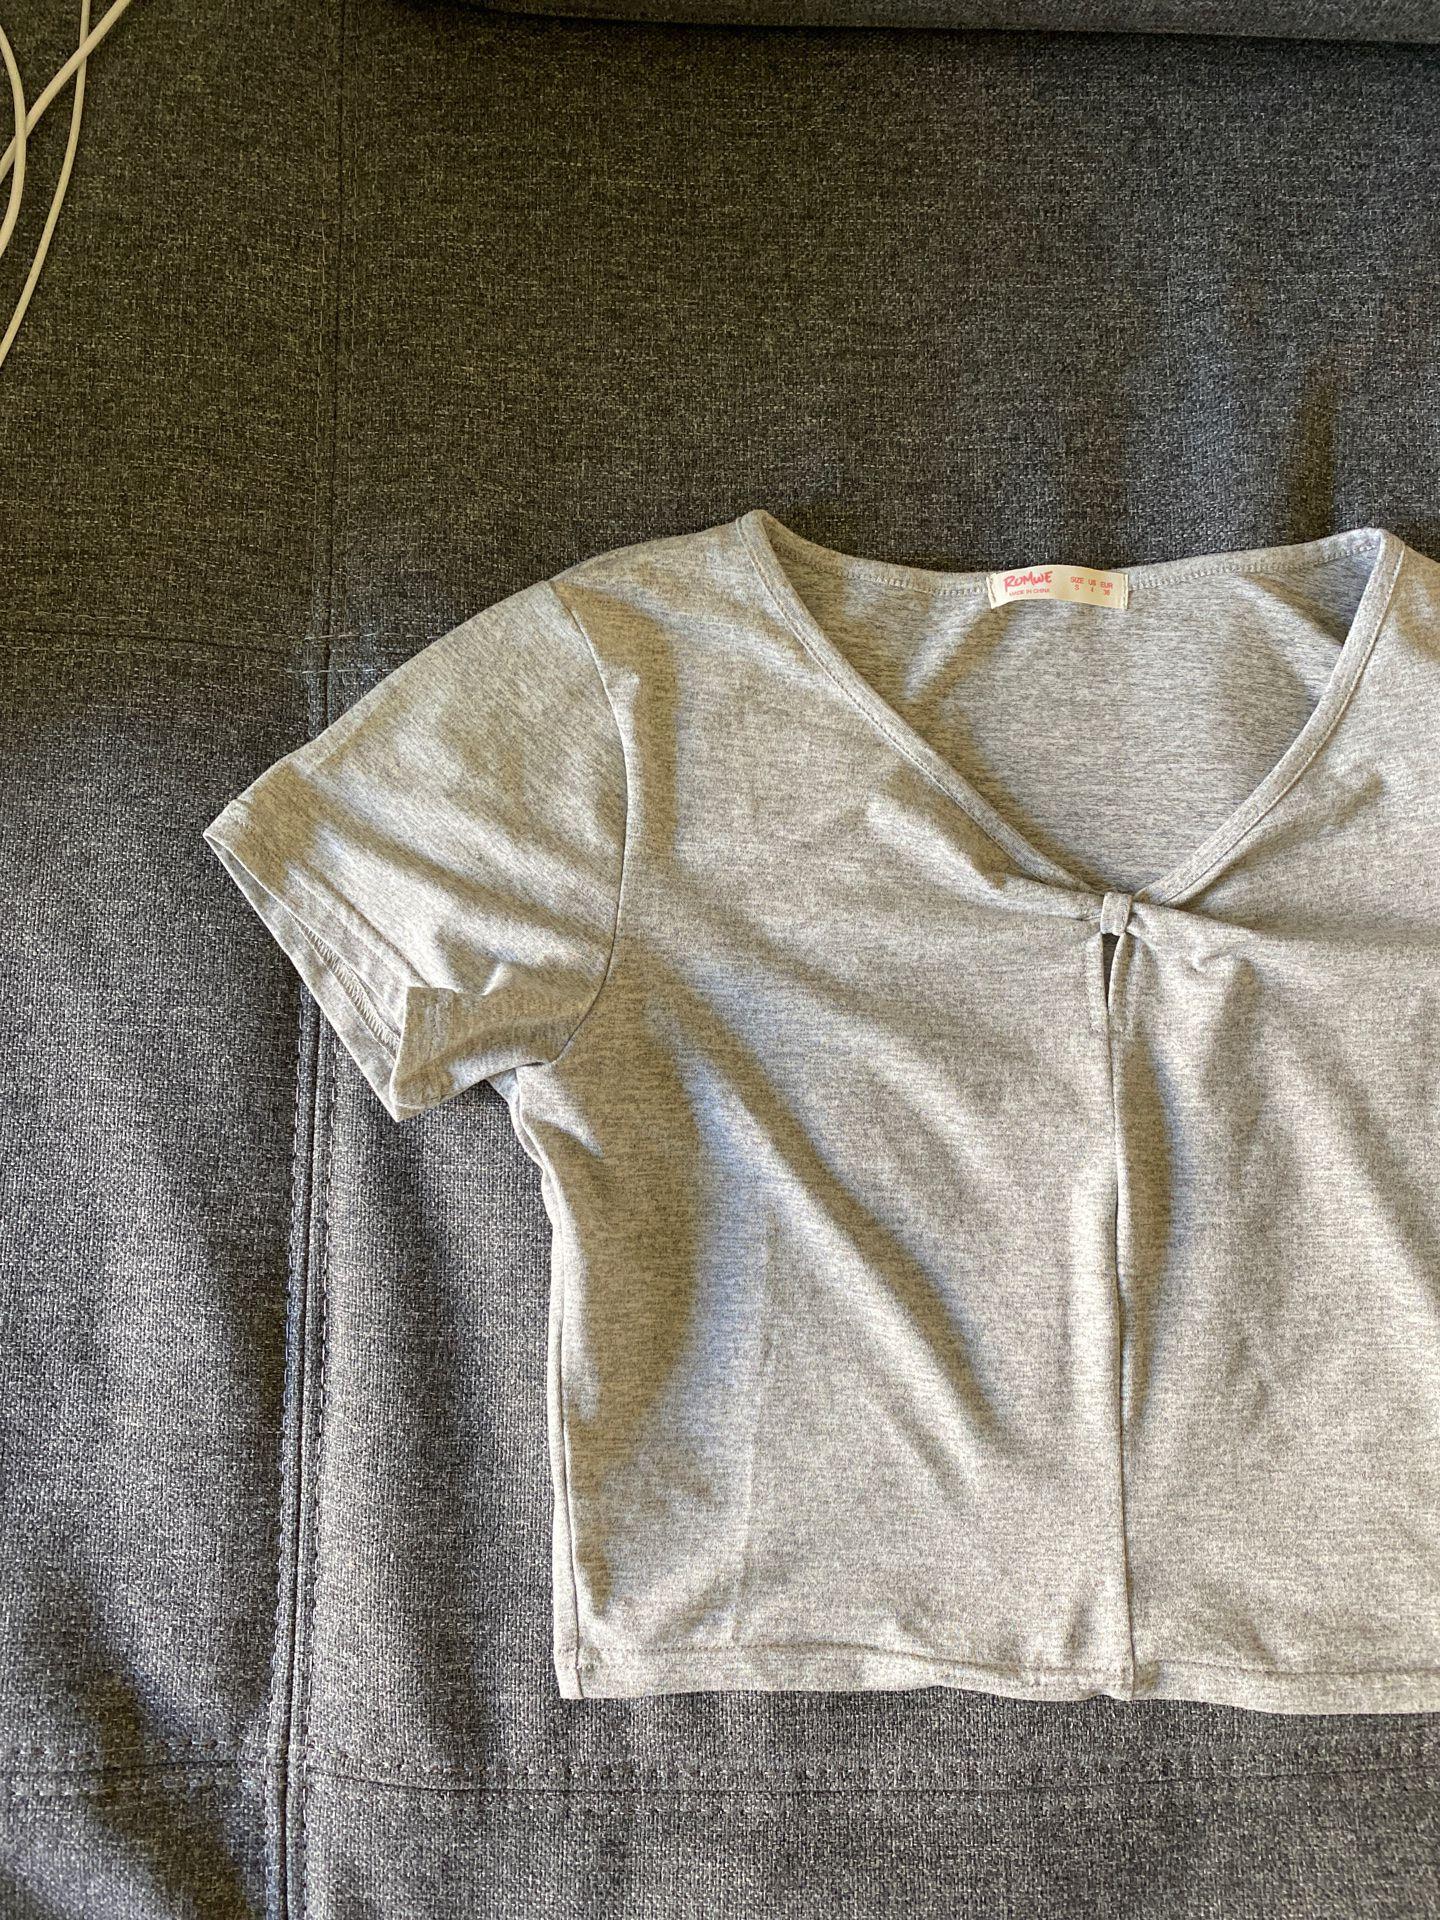 Small grey shirt